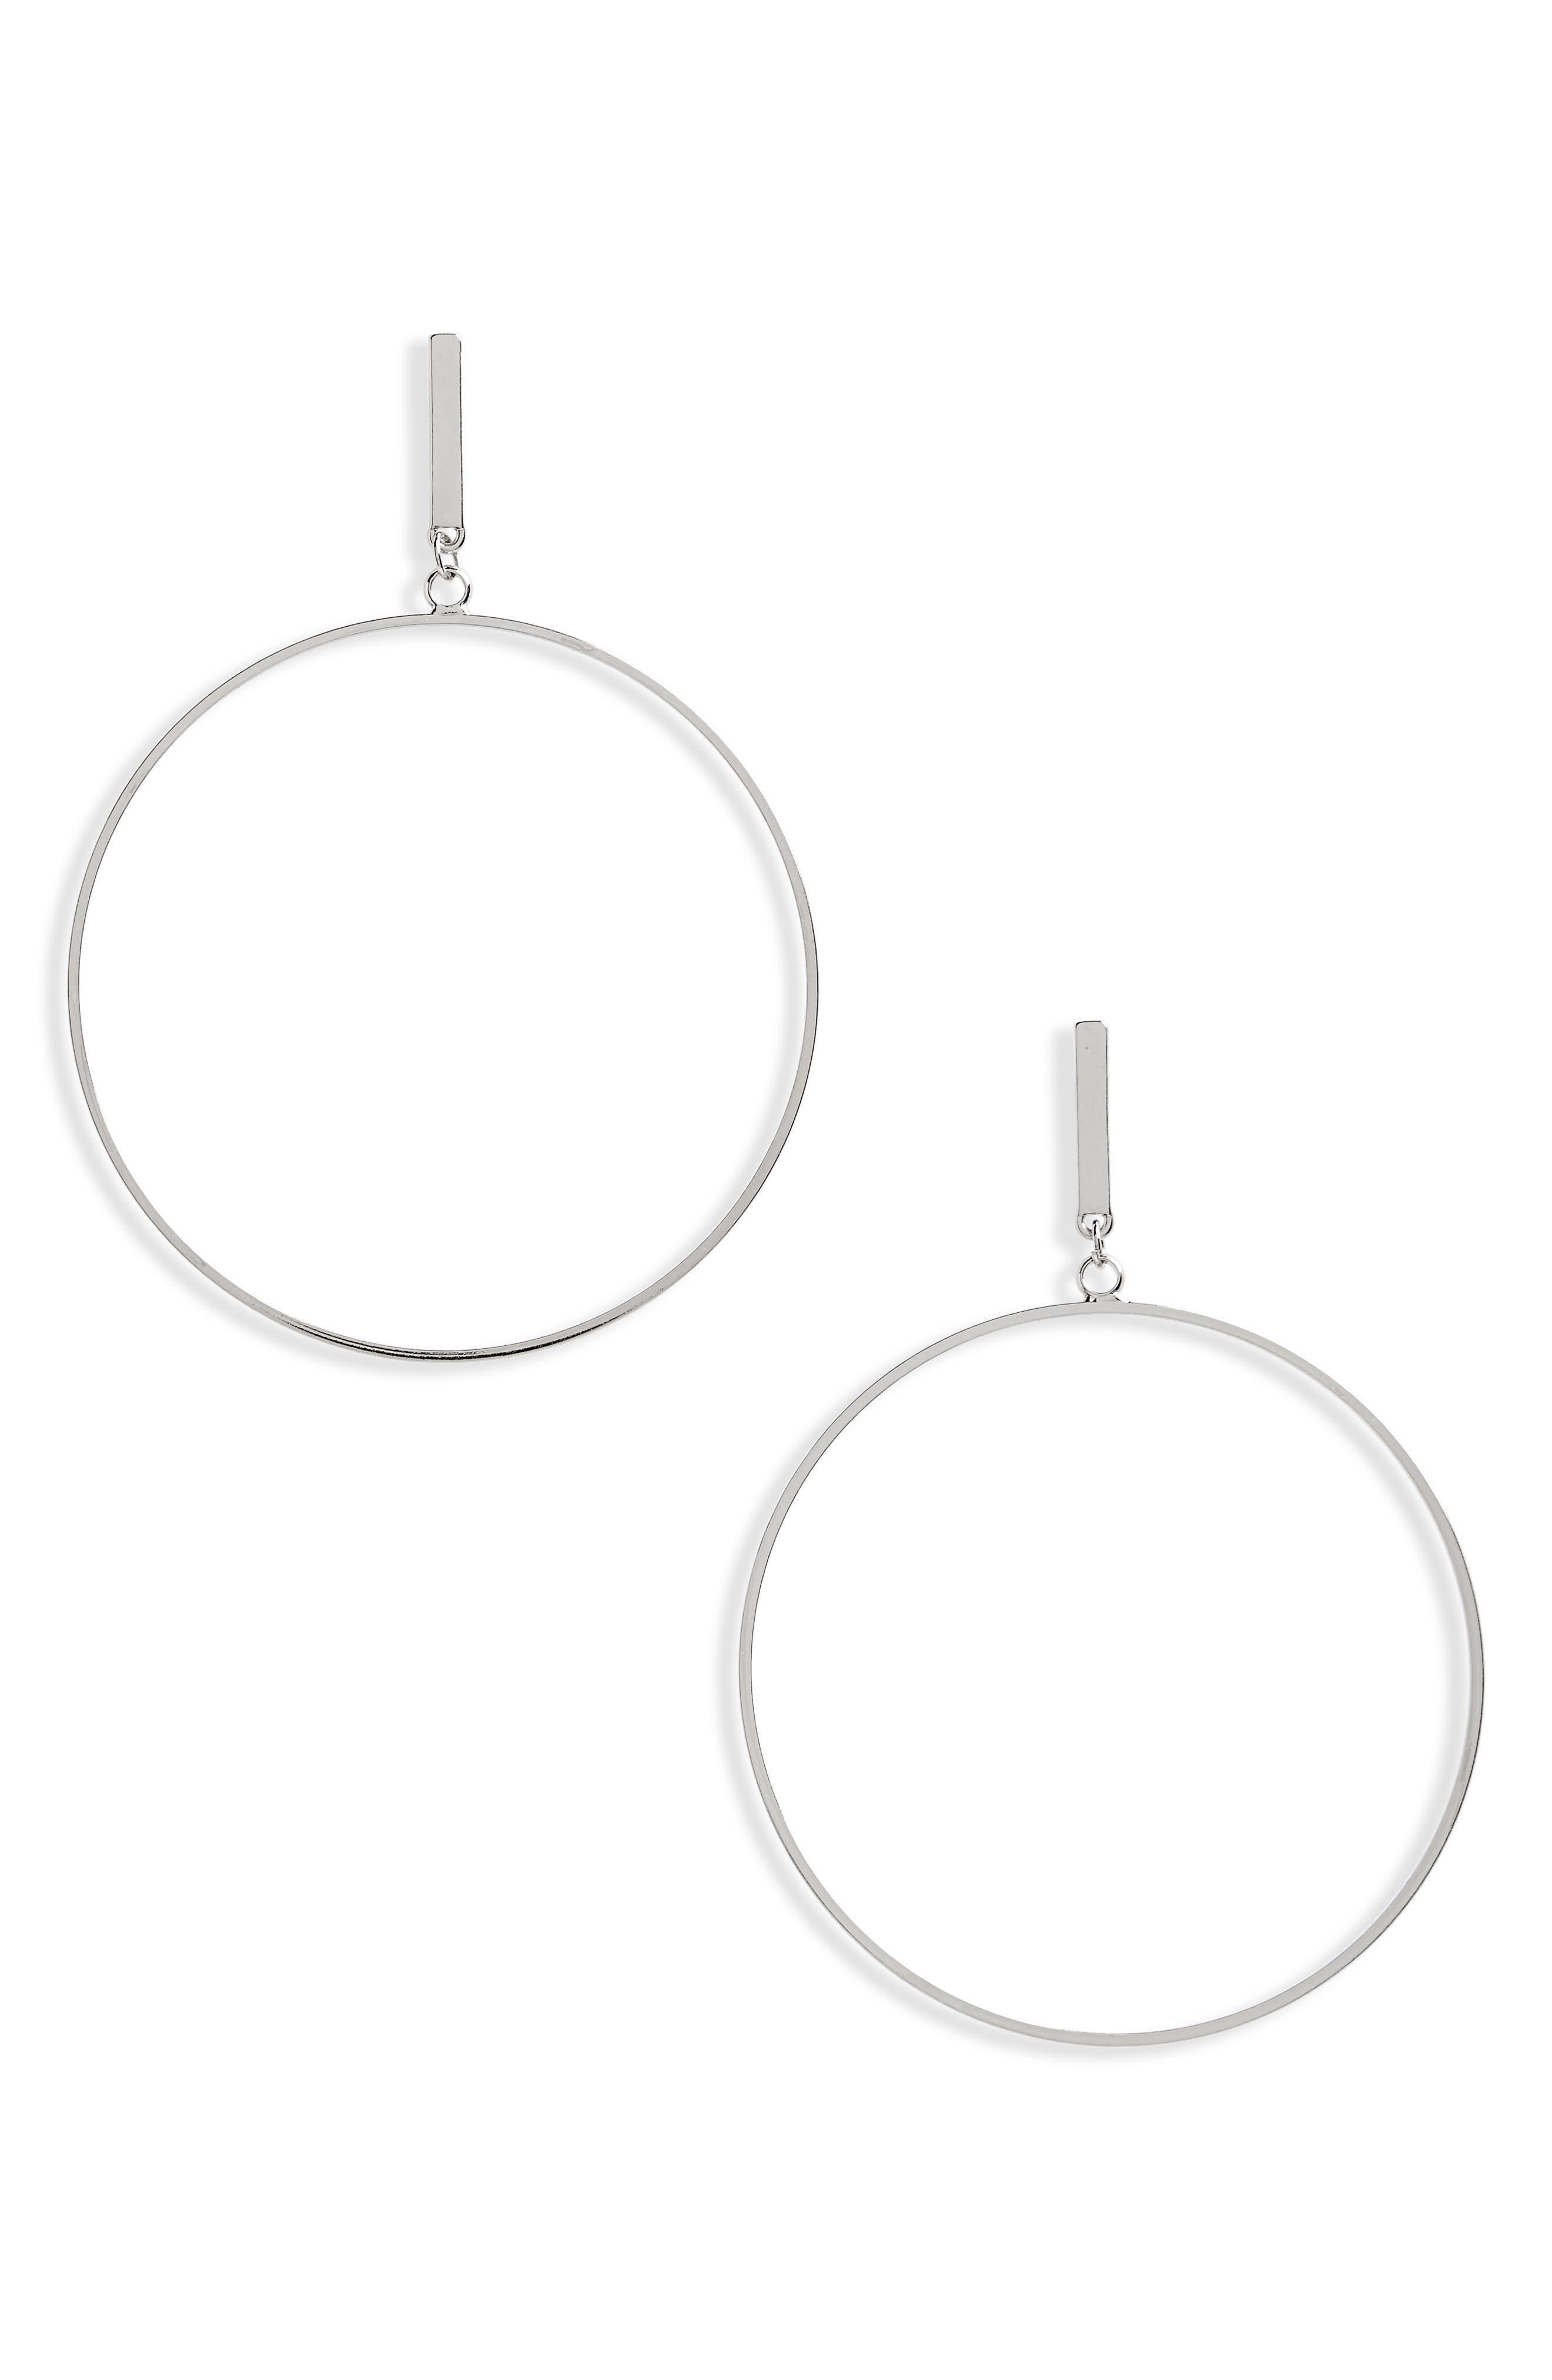 Large Post Hoop Earrings,                         Main,                         color,